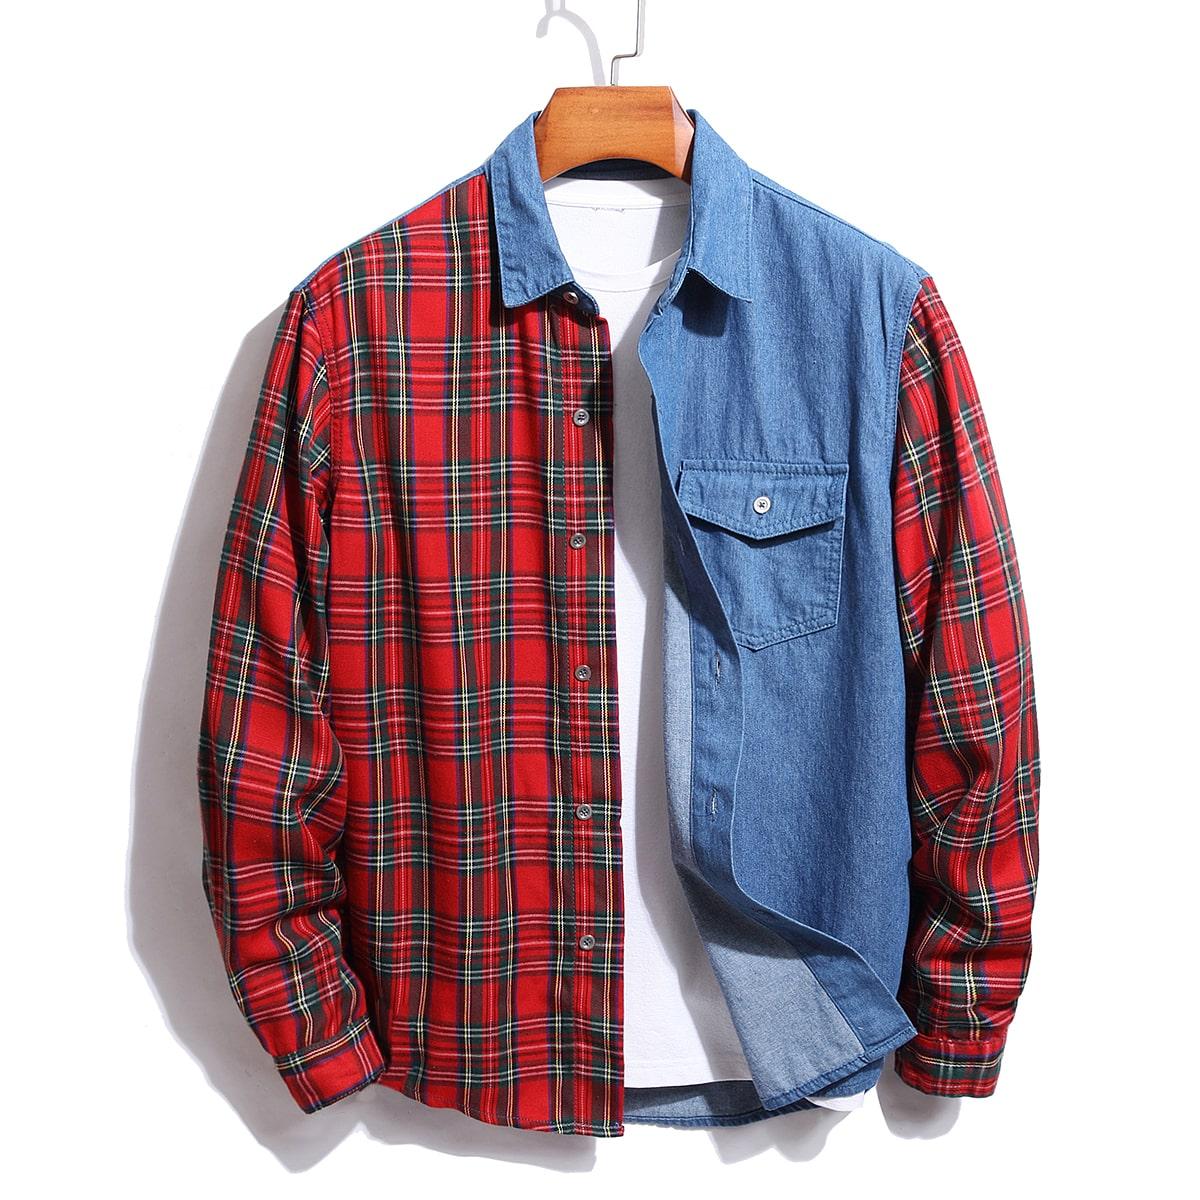 Мужской Джинсовая рубашка контрастный в клетку с карманом без футболки